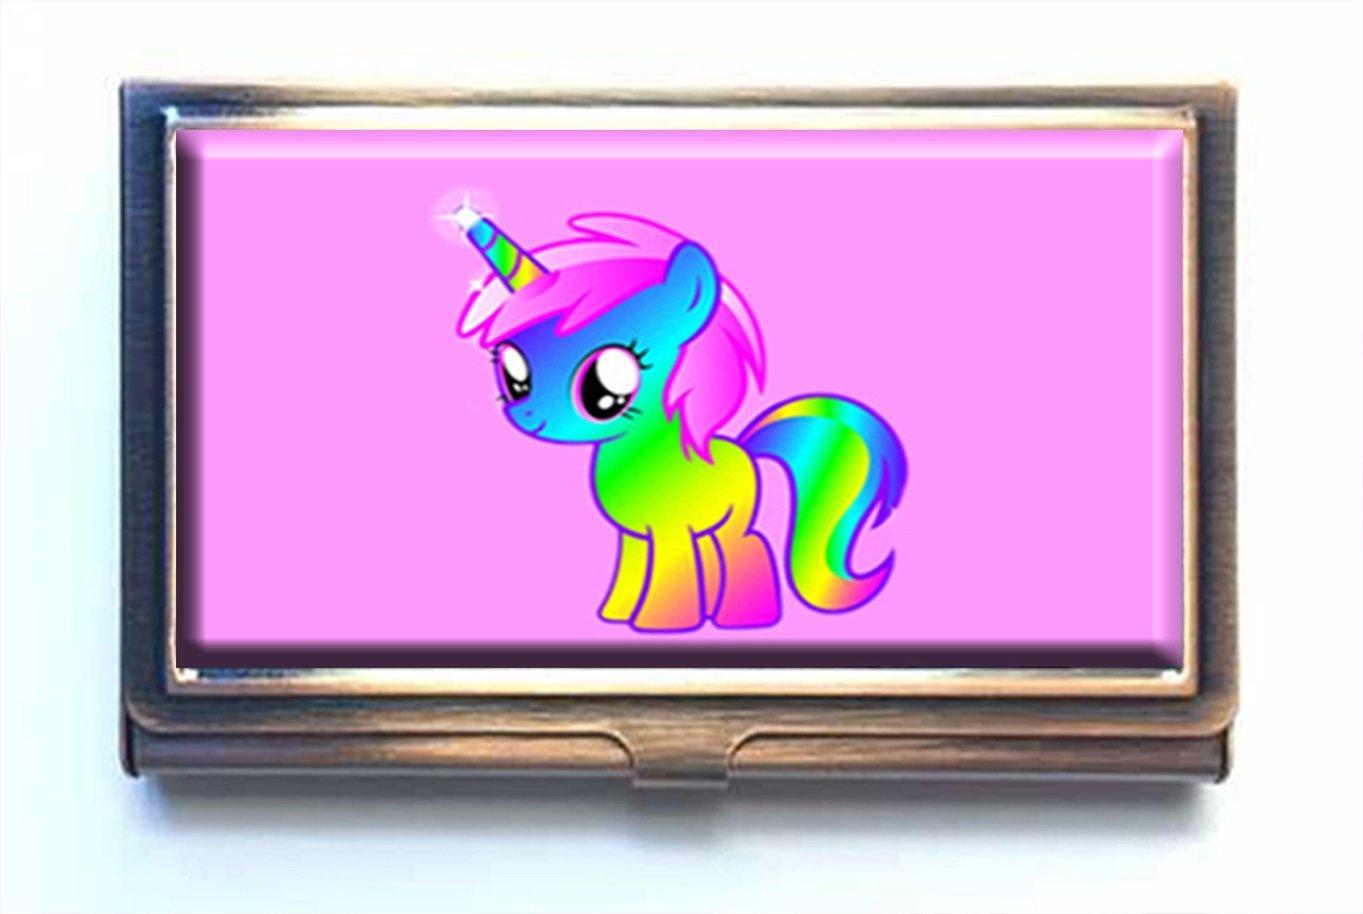 caikem UnicornsカスタムPersonalizedステンレススチールブロンズビジネスカードホルダーポケットビジネス名クレジットカードIDカード財布   B07DR99YKD